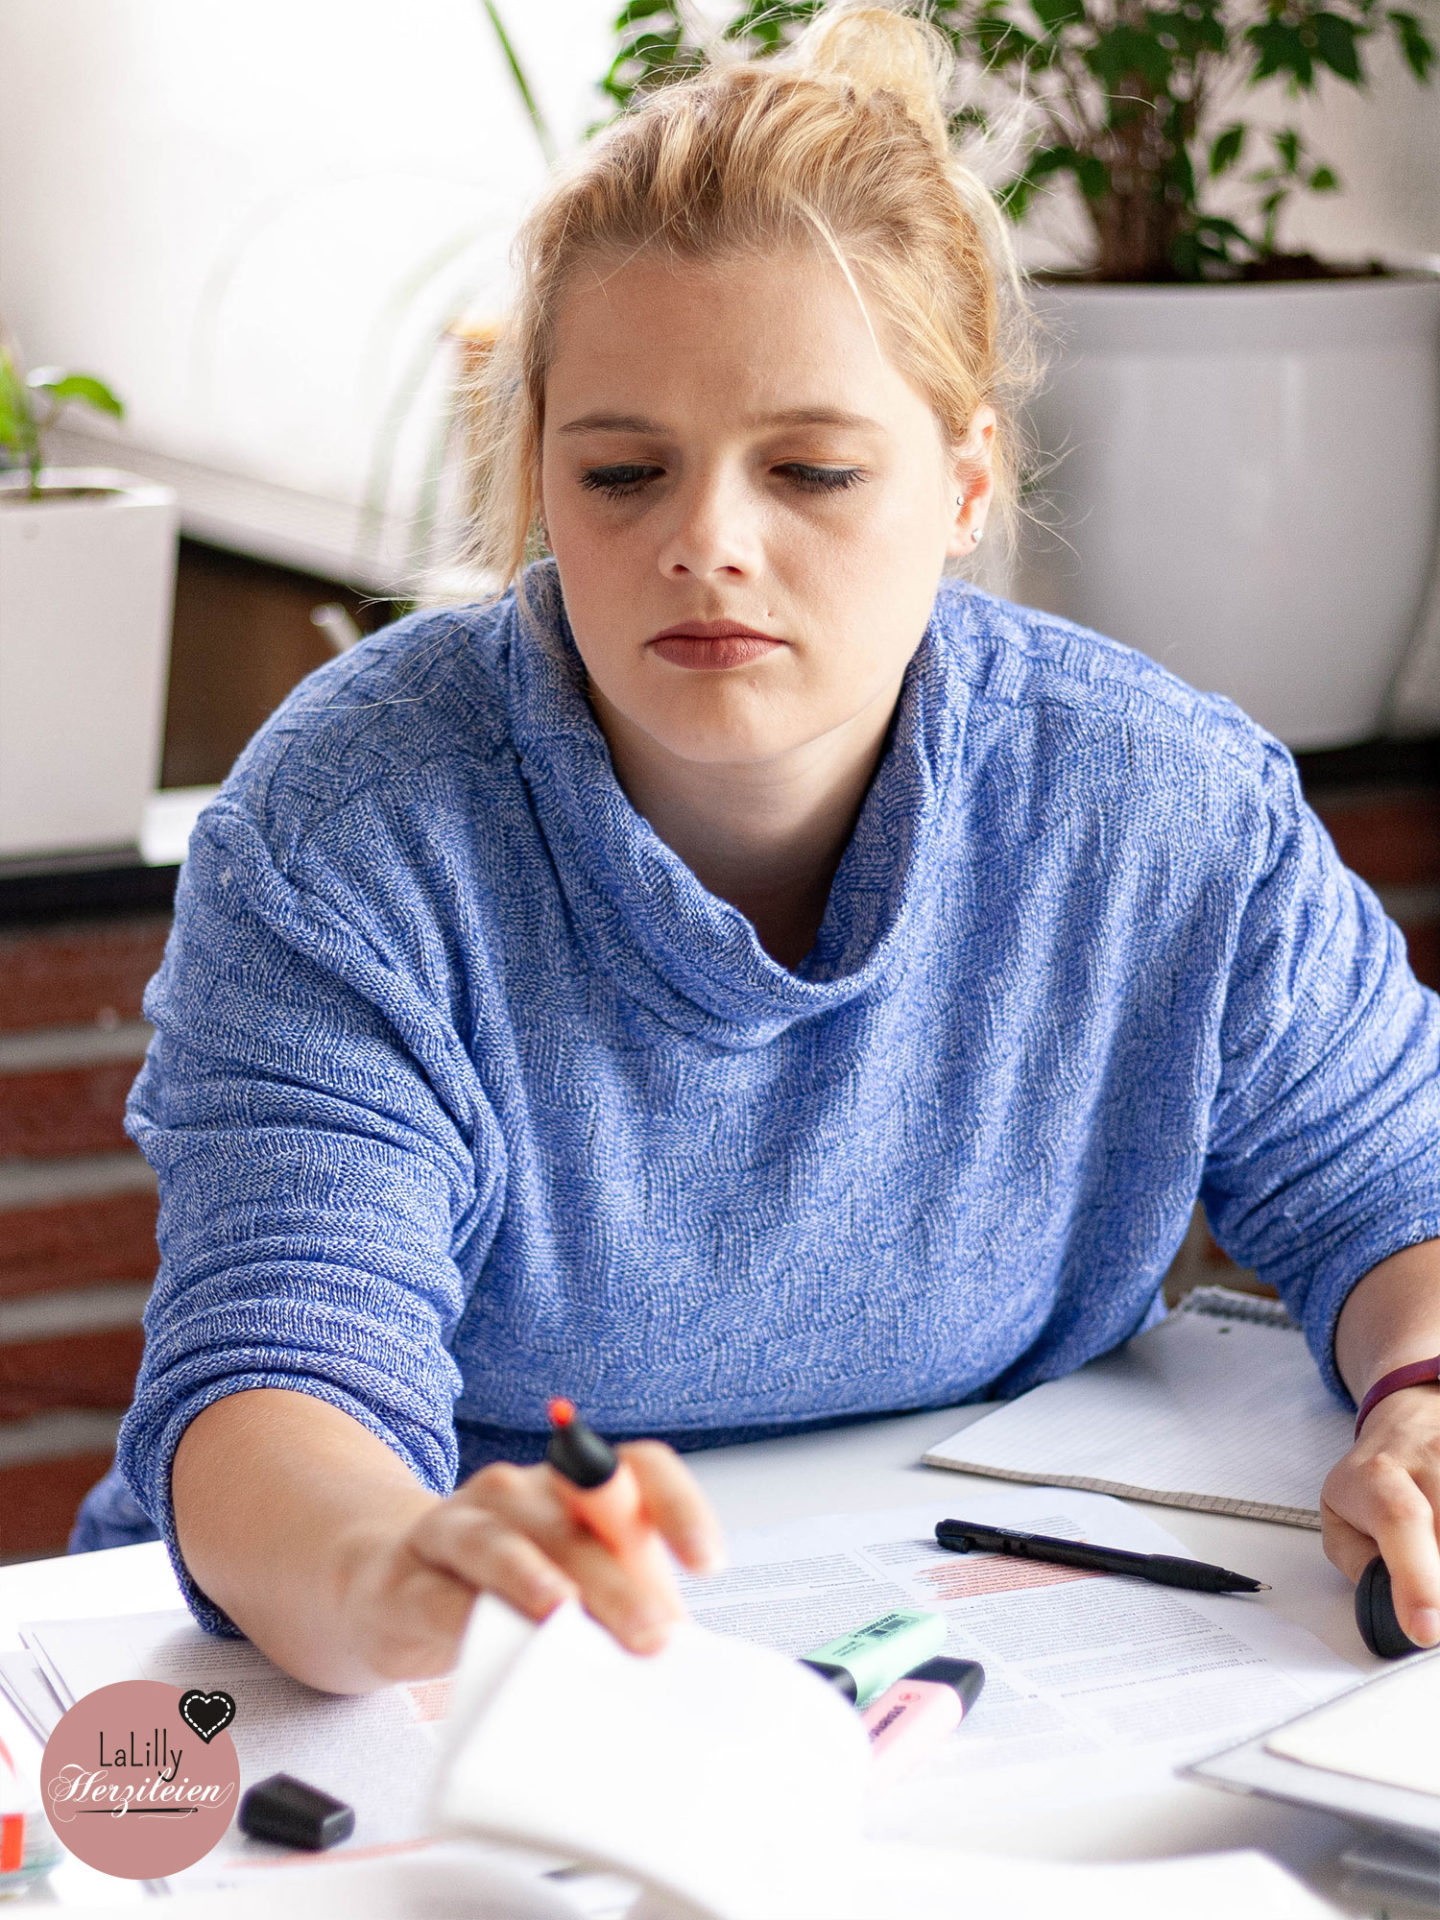 Studieren? Warum, und was ist, wenn es länger dauert? Heute Berichte ich dir über meine Erfahrungen im Studium.